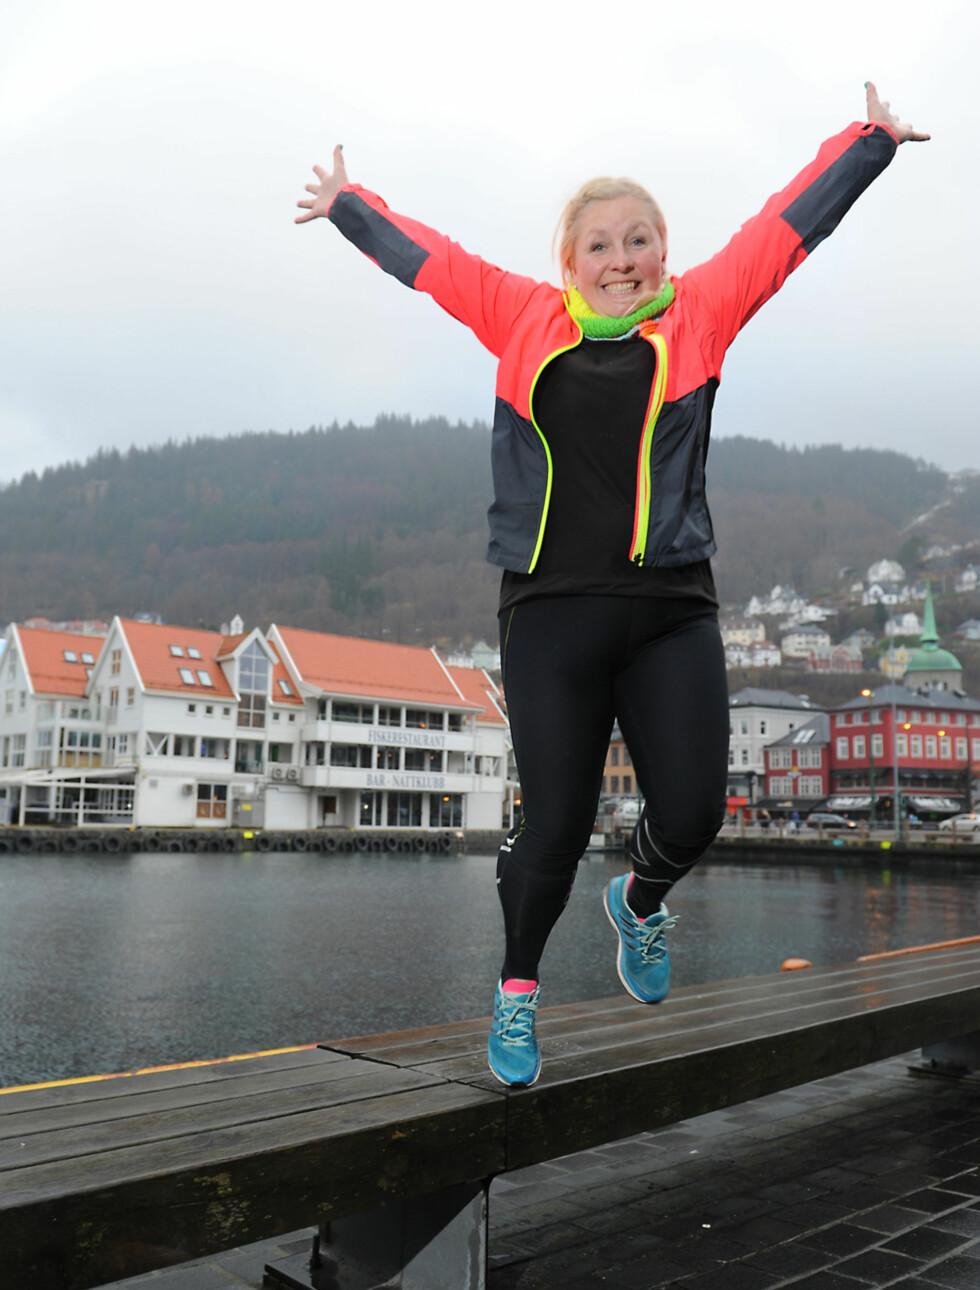 TRENING GIR MENING: Løping er mer enn bare trening for Pia-Camilla, det er terapi. – Det må gjerne være litt ekstremt. Da har jeg det best. For hvert løp, setter jeg meg nye mål, sier hun.  Foto: Marianne Otterdahl-Jensen